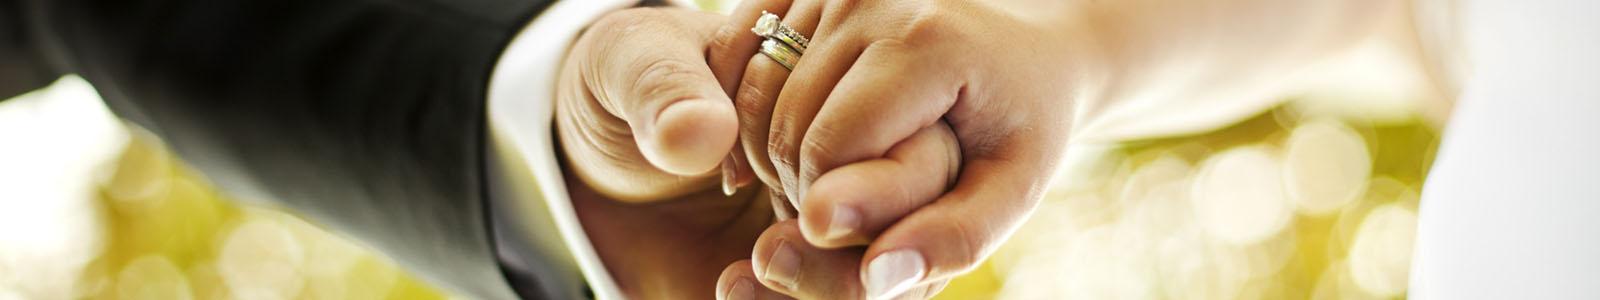 Servizi fotografici e Riprese video per matrimoni